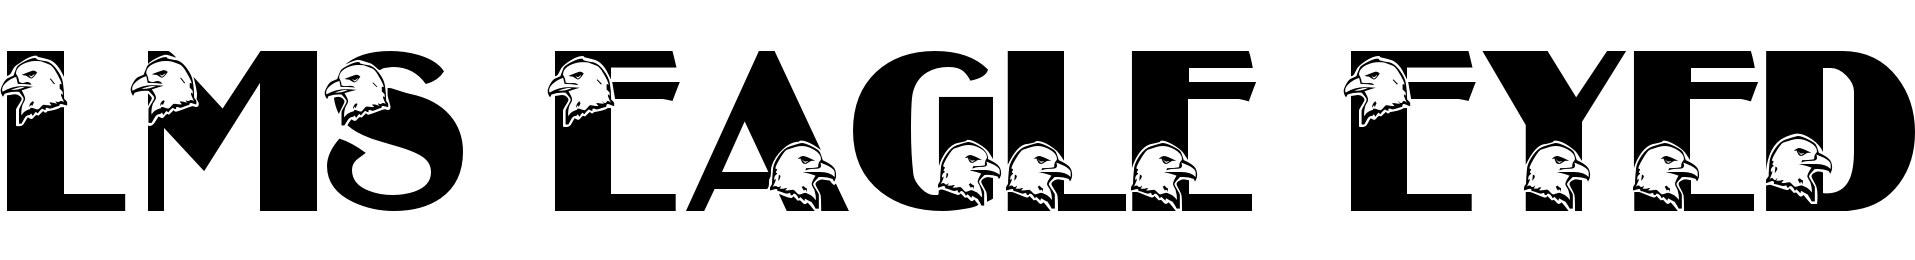 LMS Eagle Eyed